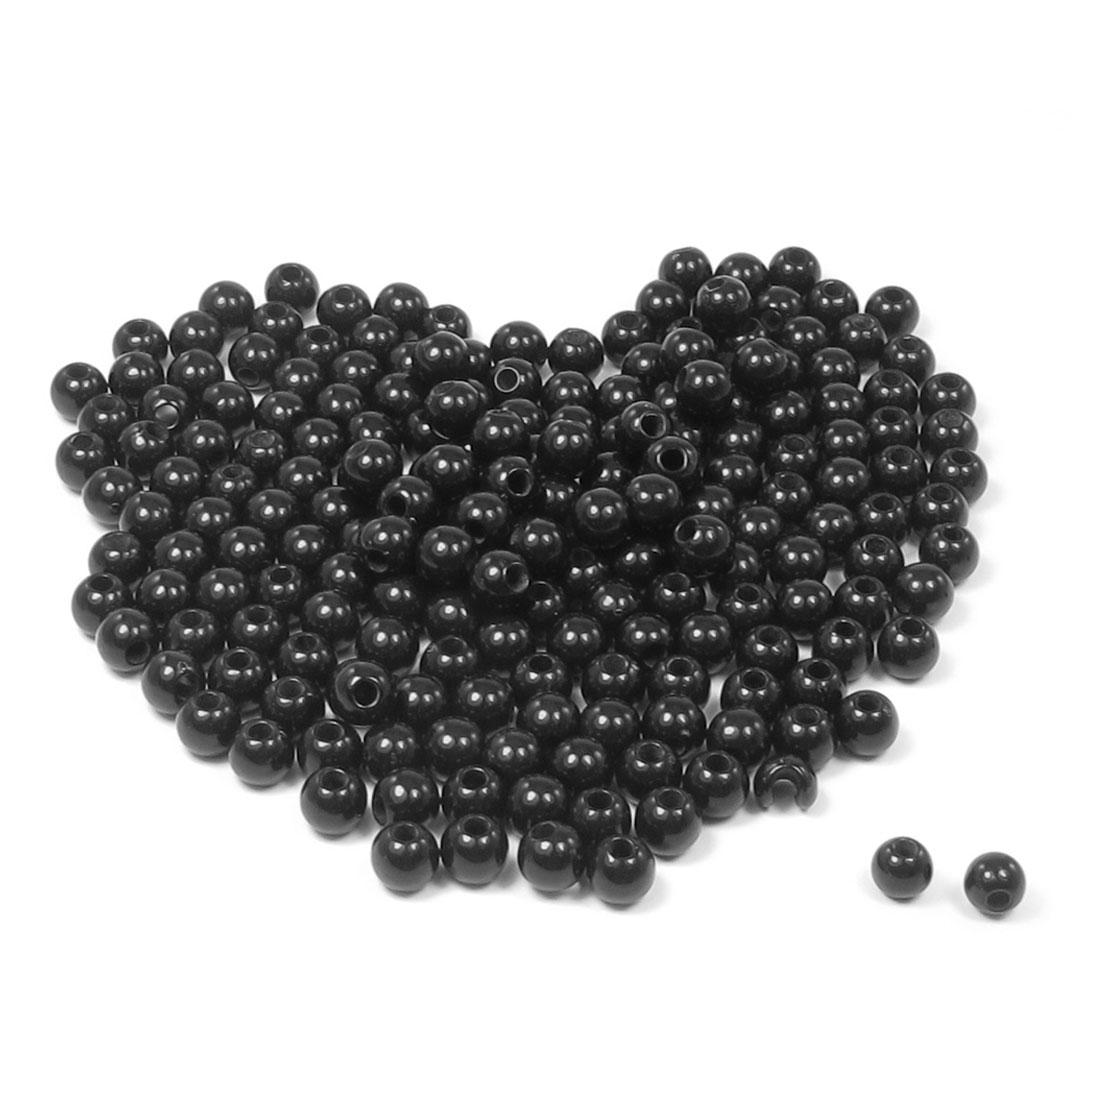 Craft Bangle Bracelet Black Round Shape Plastic Beads 205 Pcs